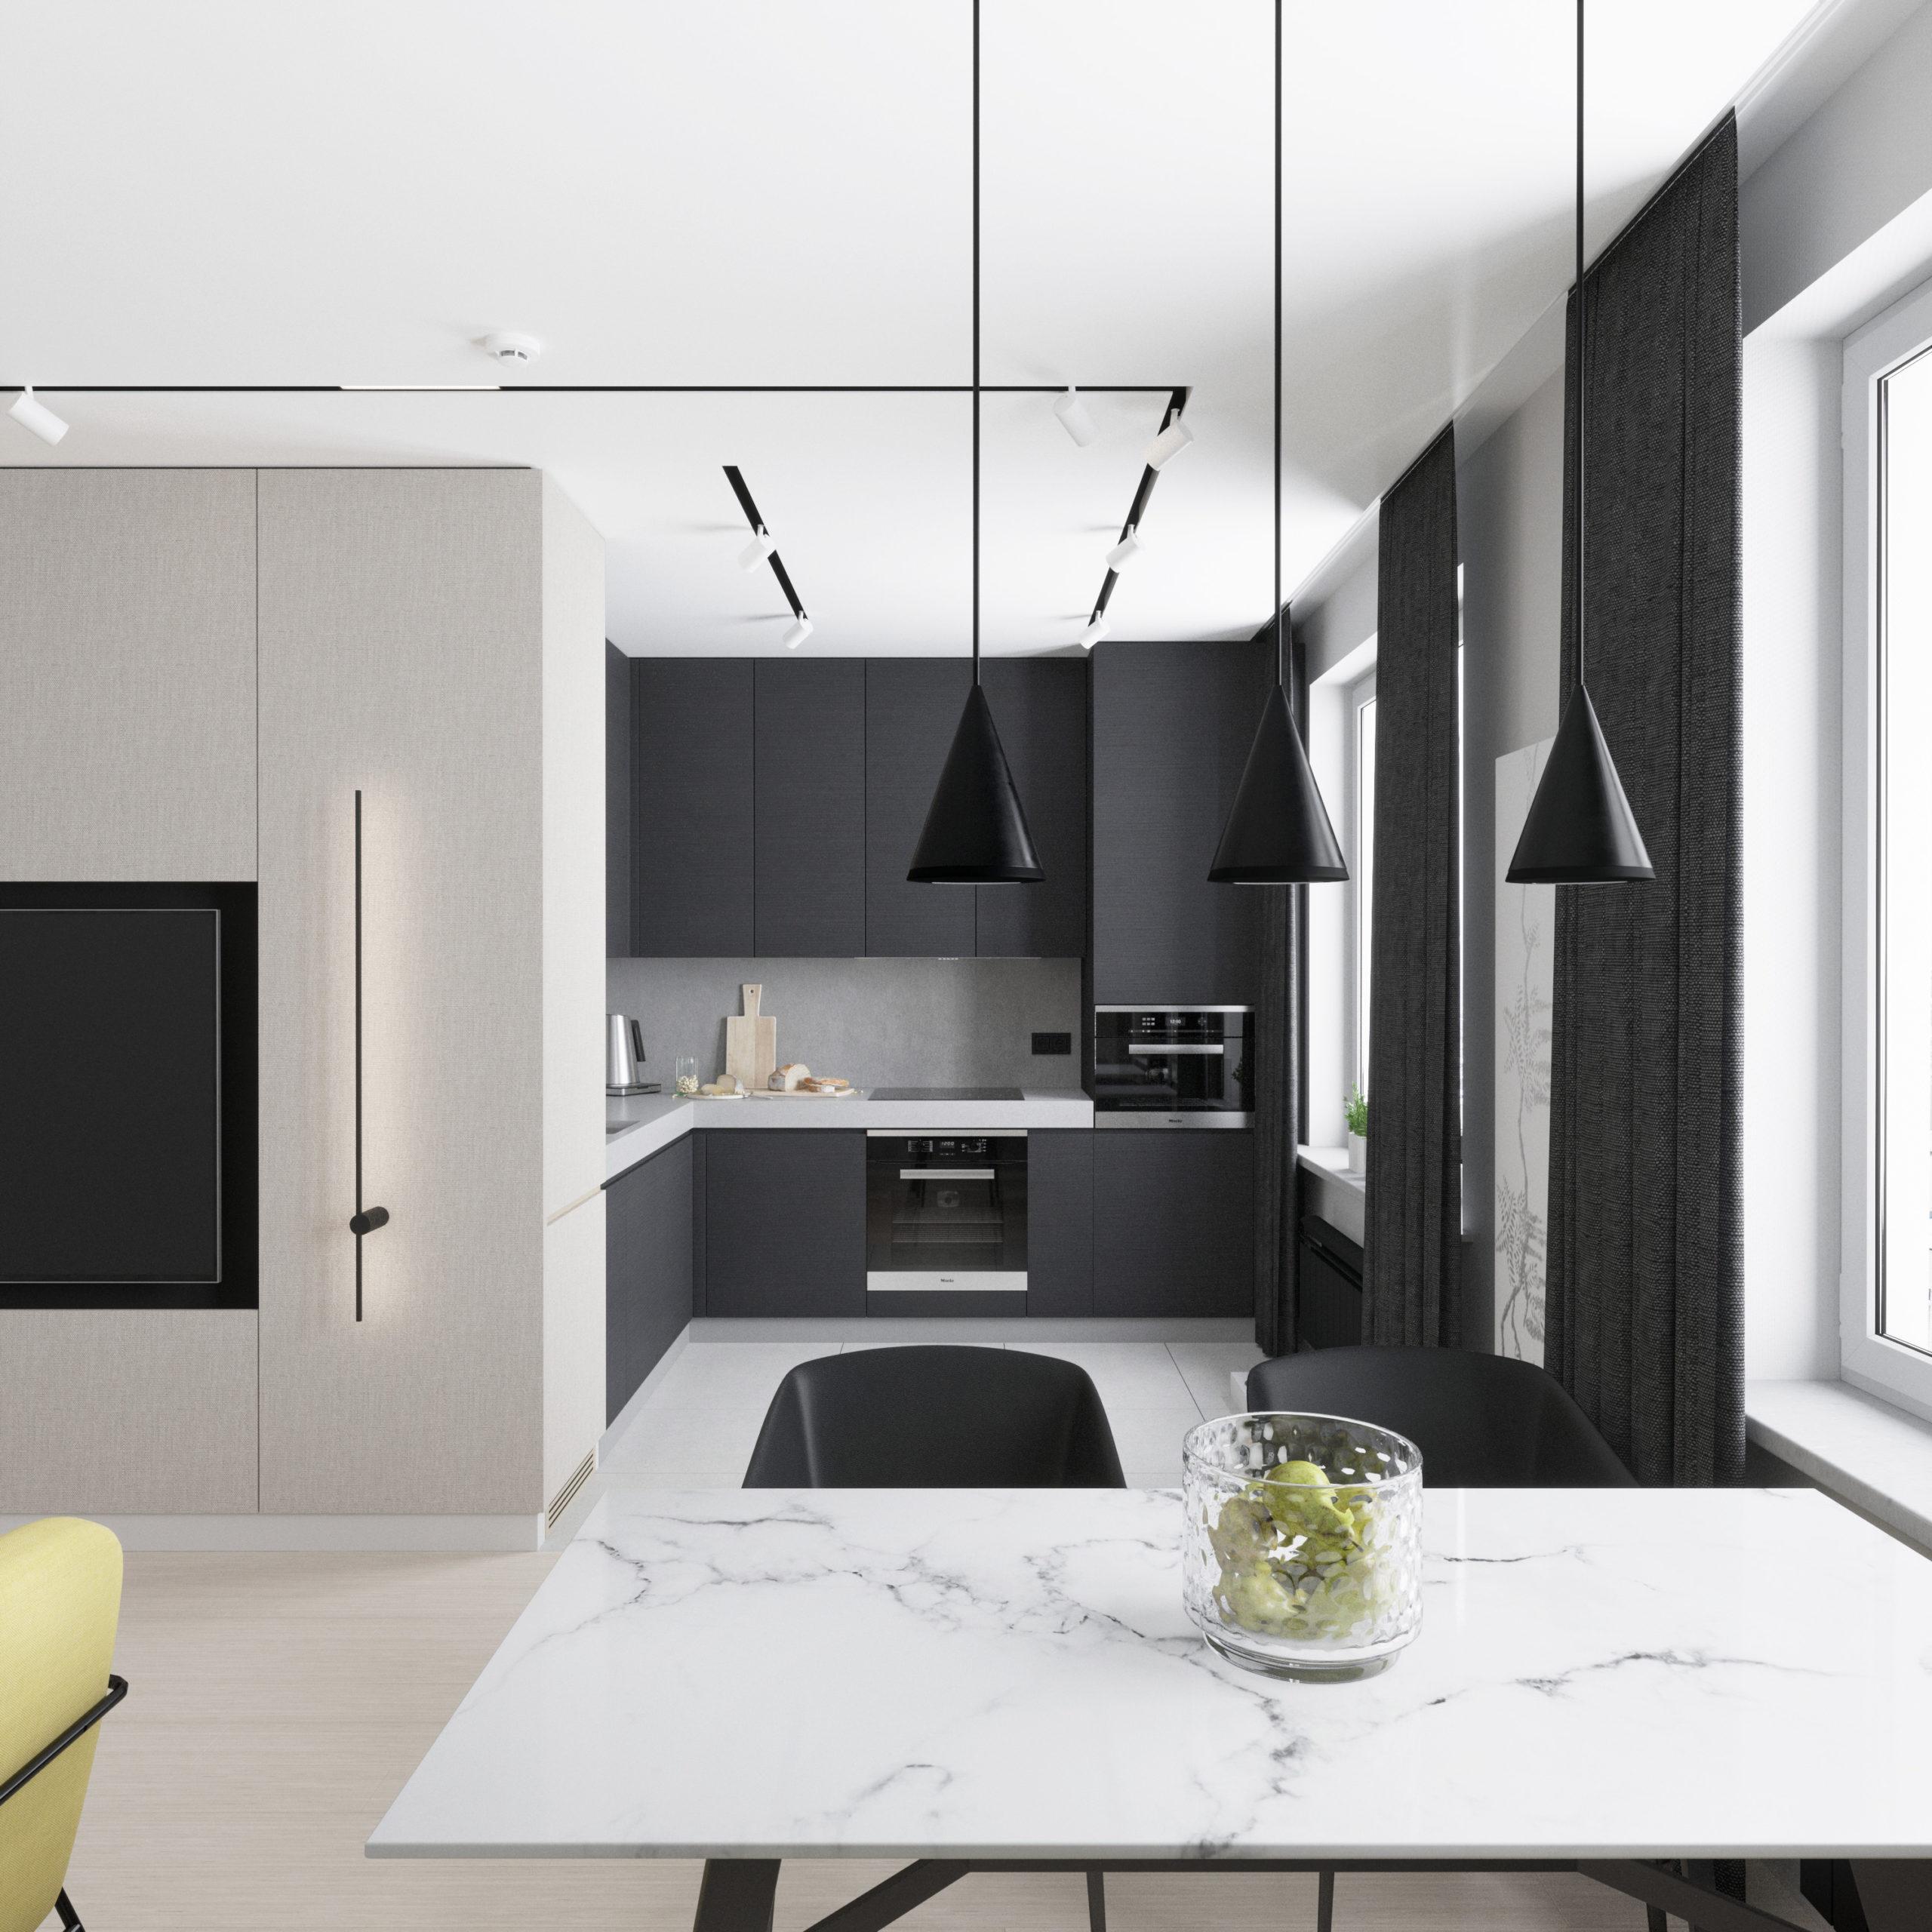 7_Кухня-гостиная_005_Interactive LightMix_1